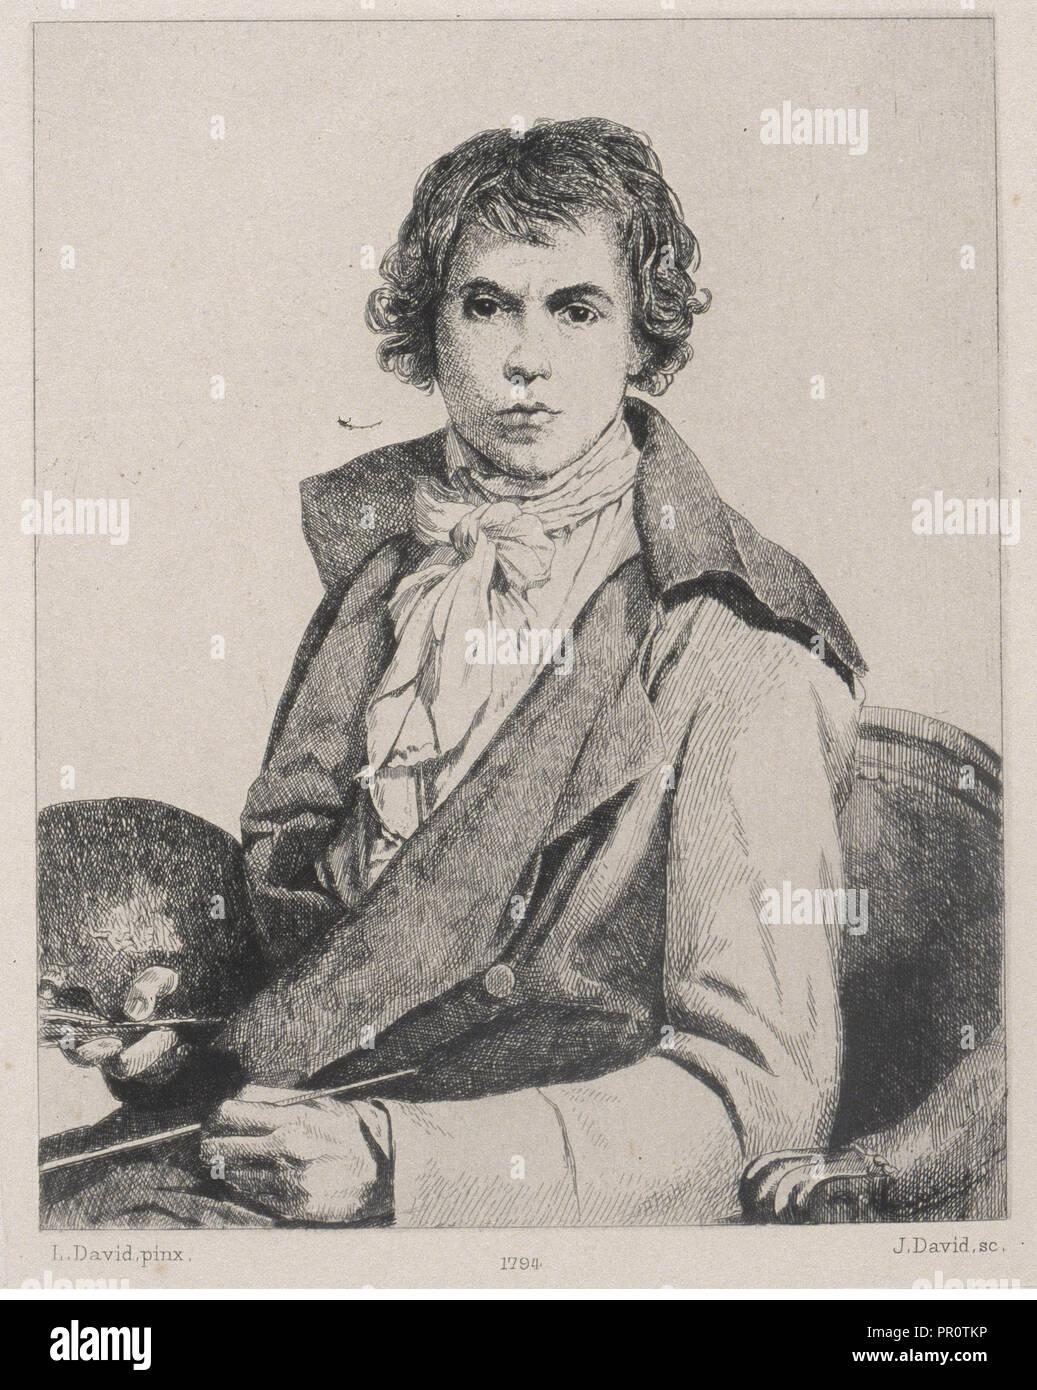 David par lui-même, 1794, Le peintre Louis David, 1748-1825, David, Jacques Louis Jules, 1829-1886, Engraving, 1880-1882 - Stock Image